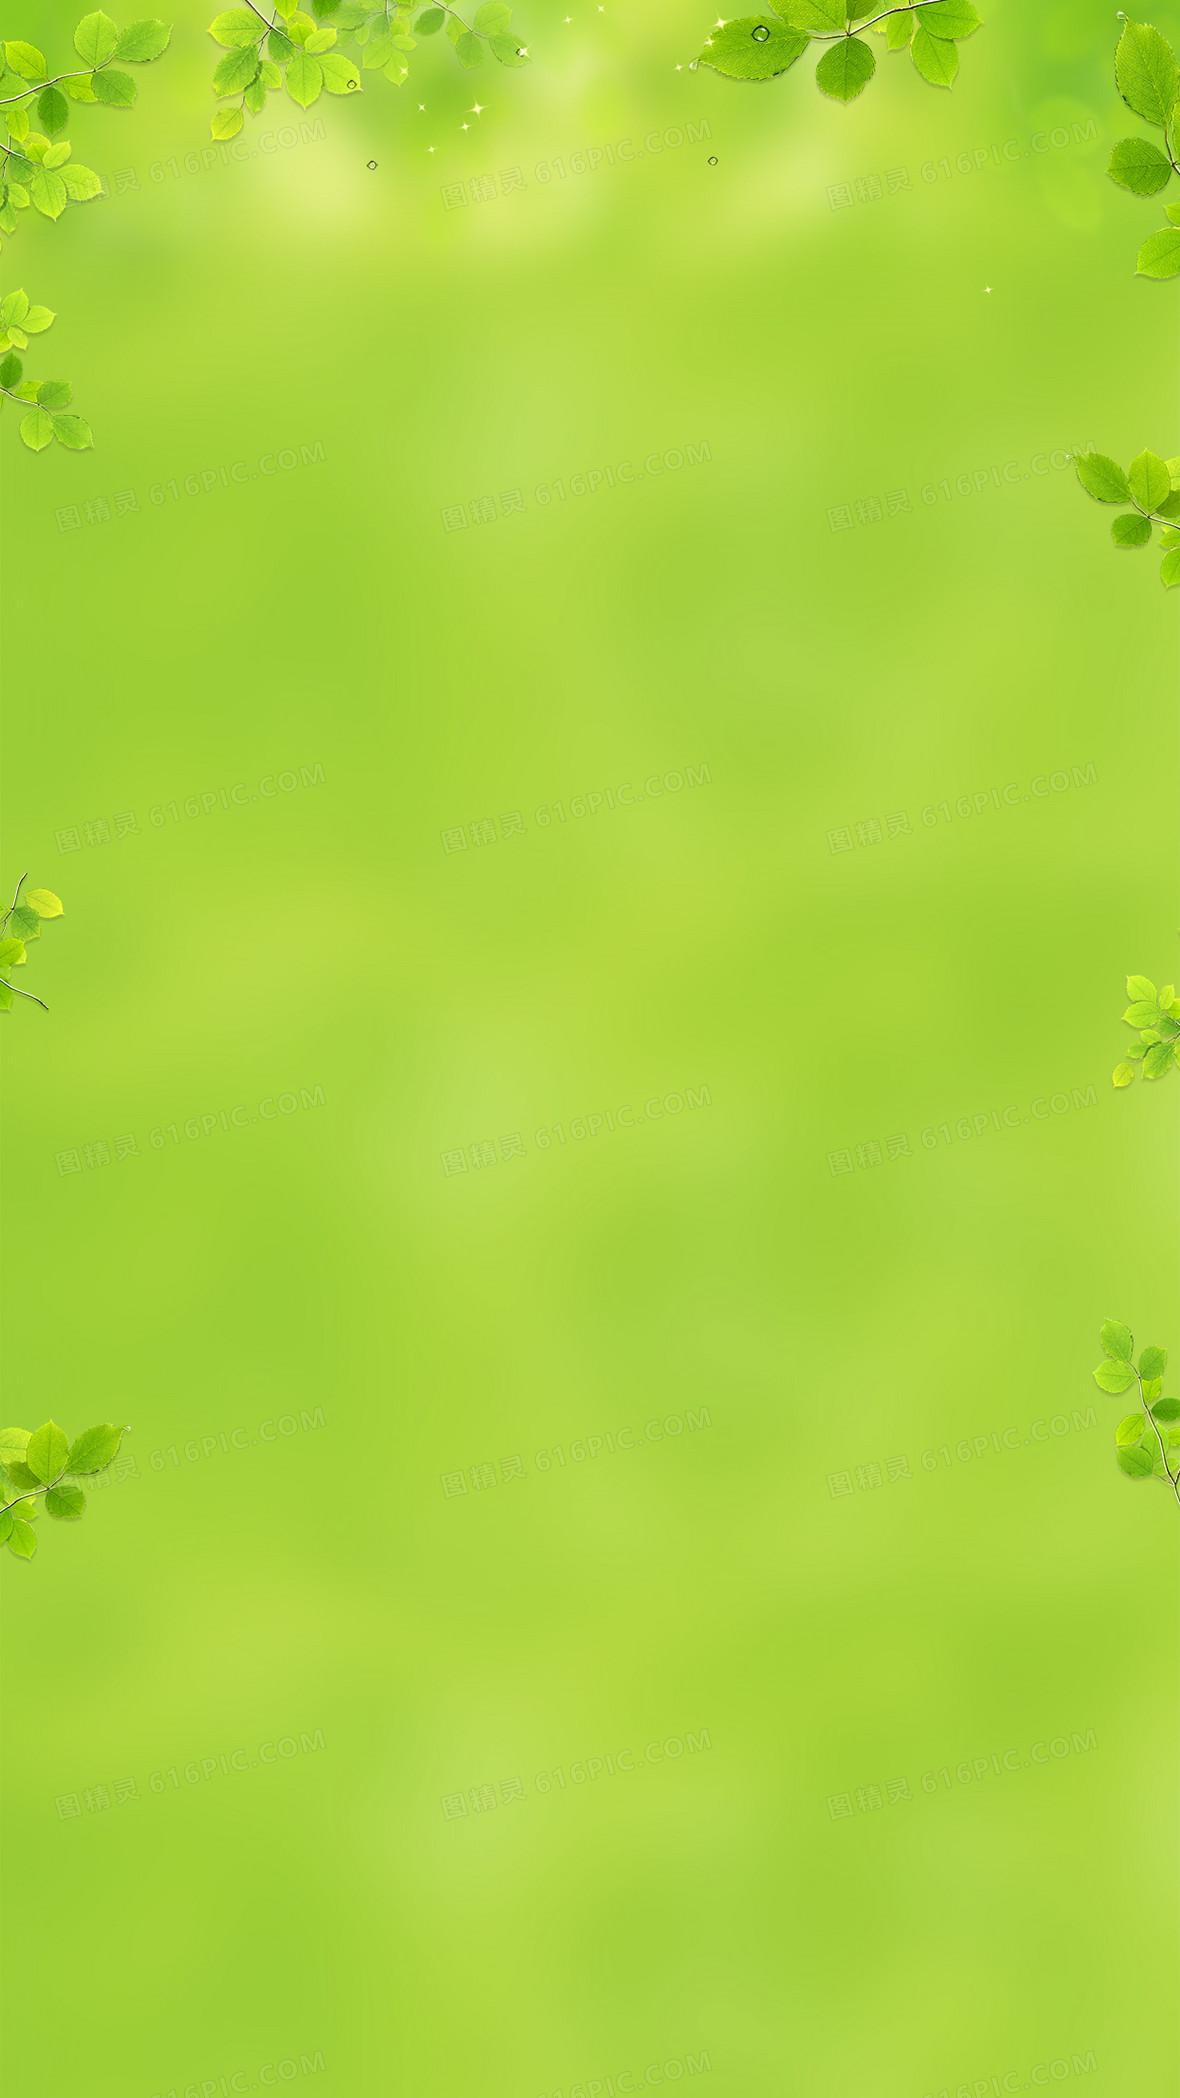 绿色清新树叶边框背景